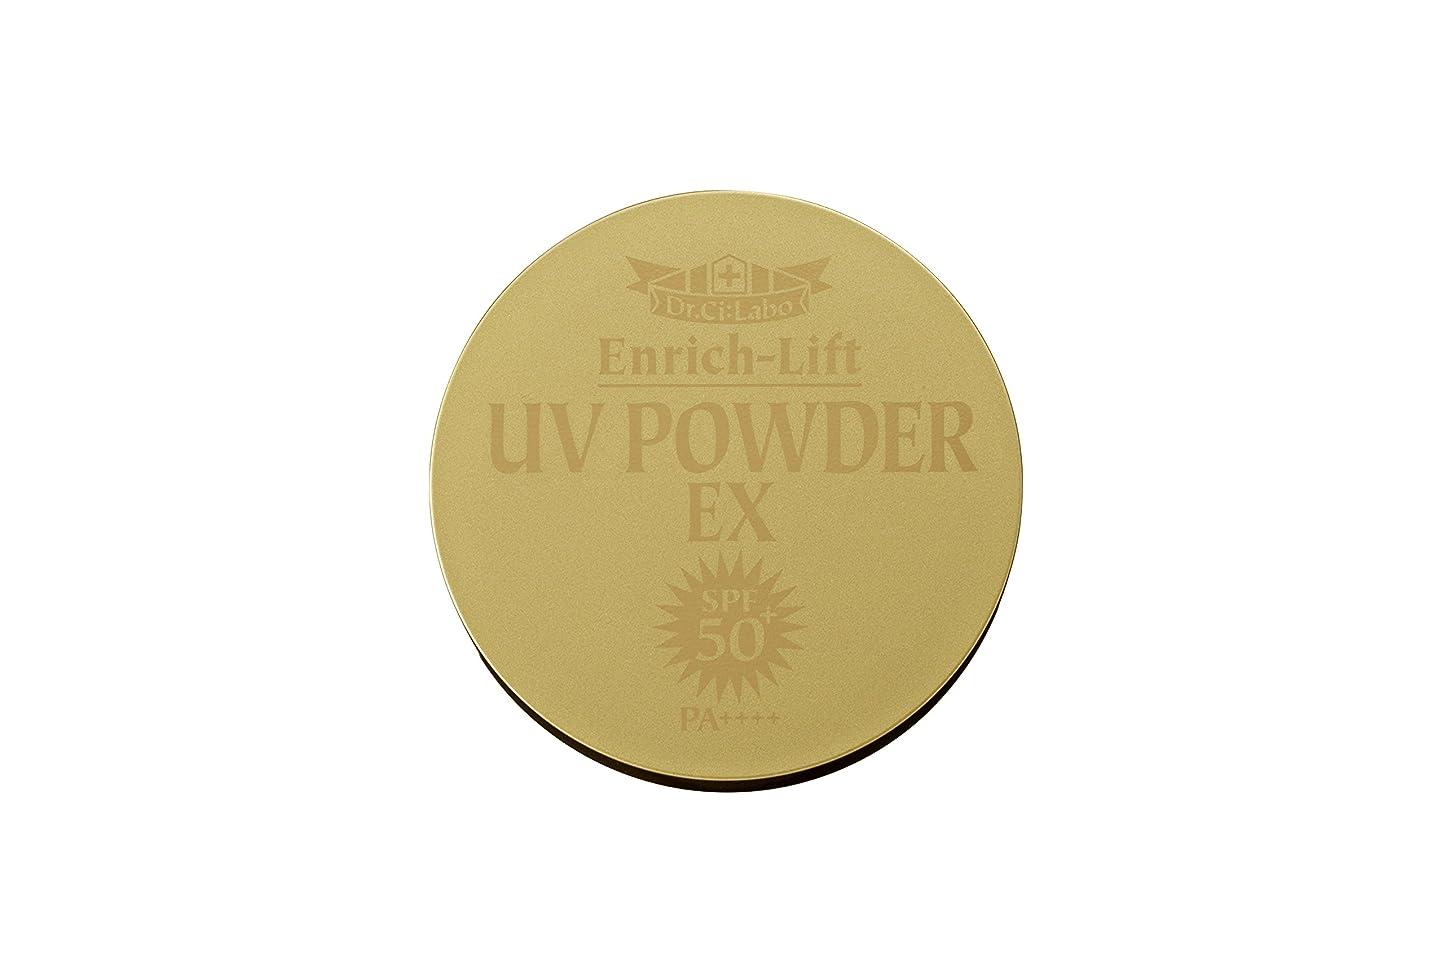 マイクロプロセッサ道徳の削除するドクターシーラボ エンリッチリフト UVパウダー EX50+ 日焼け止め ルーセントパウダー